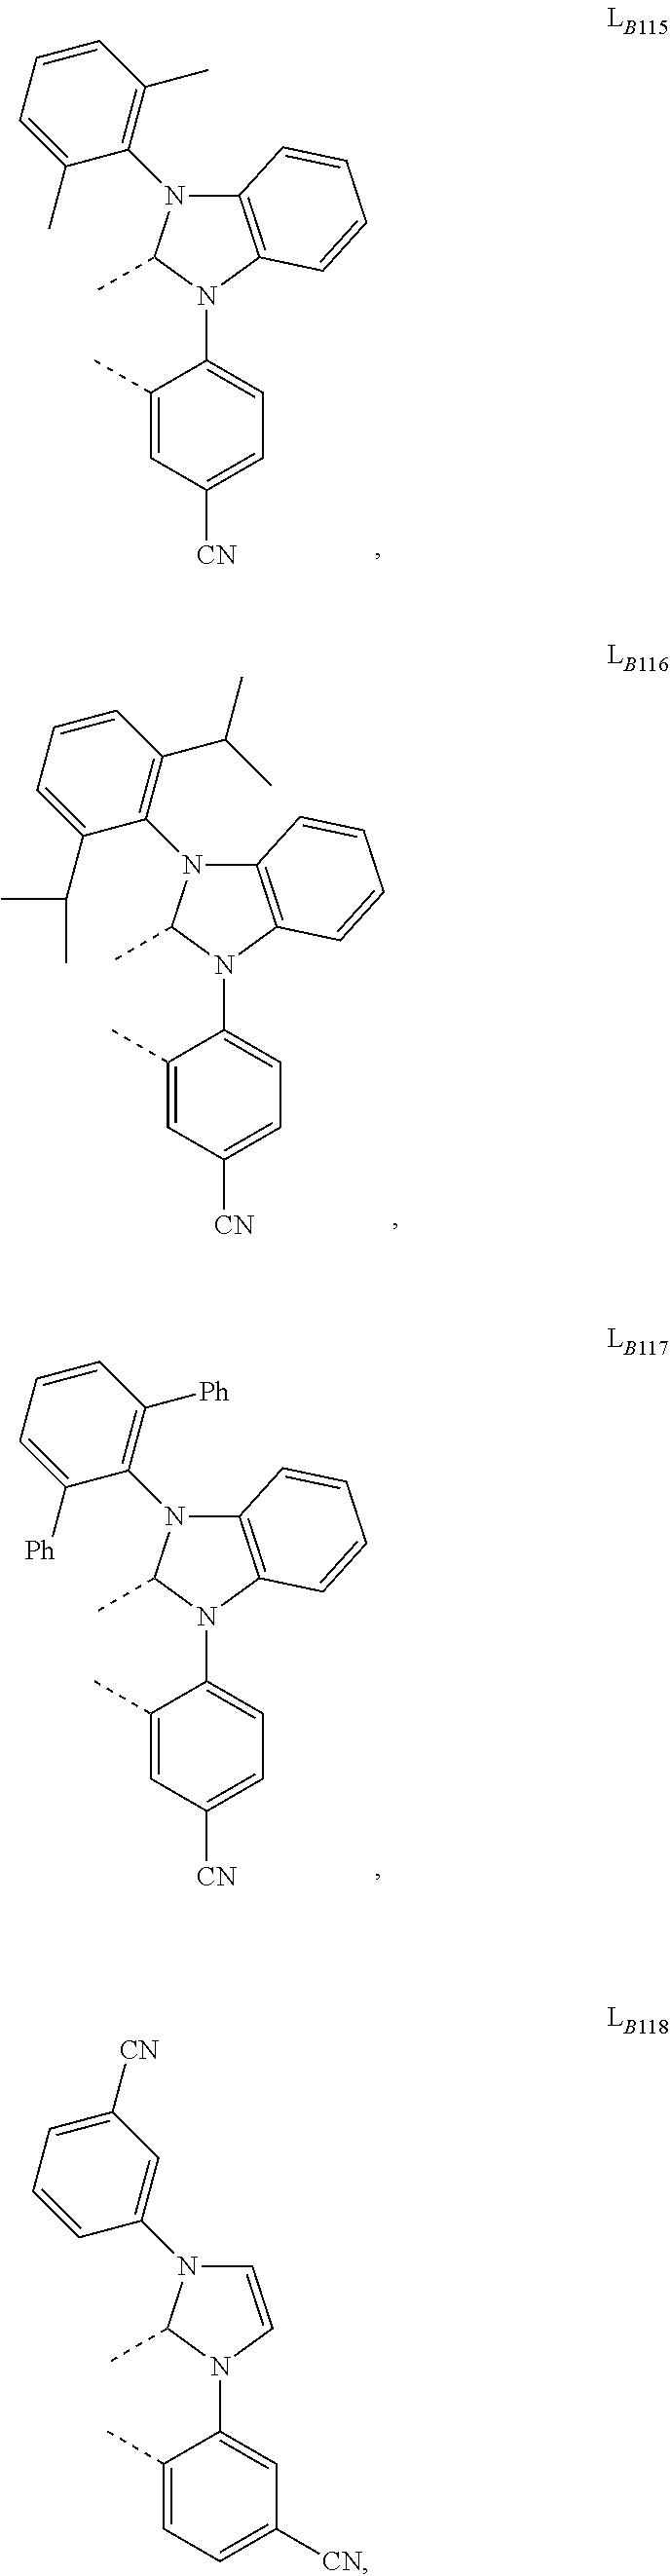 Figure US09905785-20180227-C00583